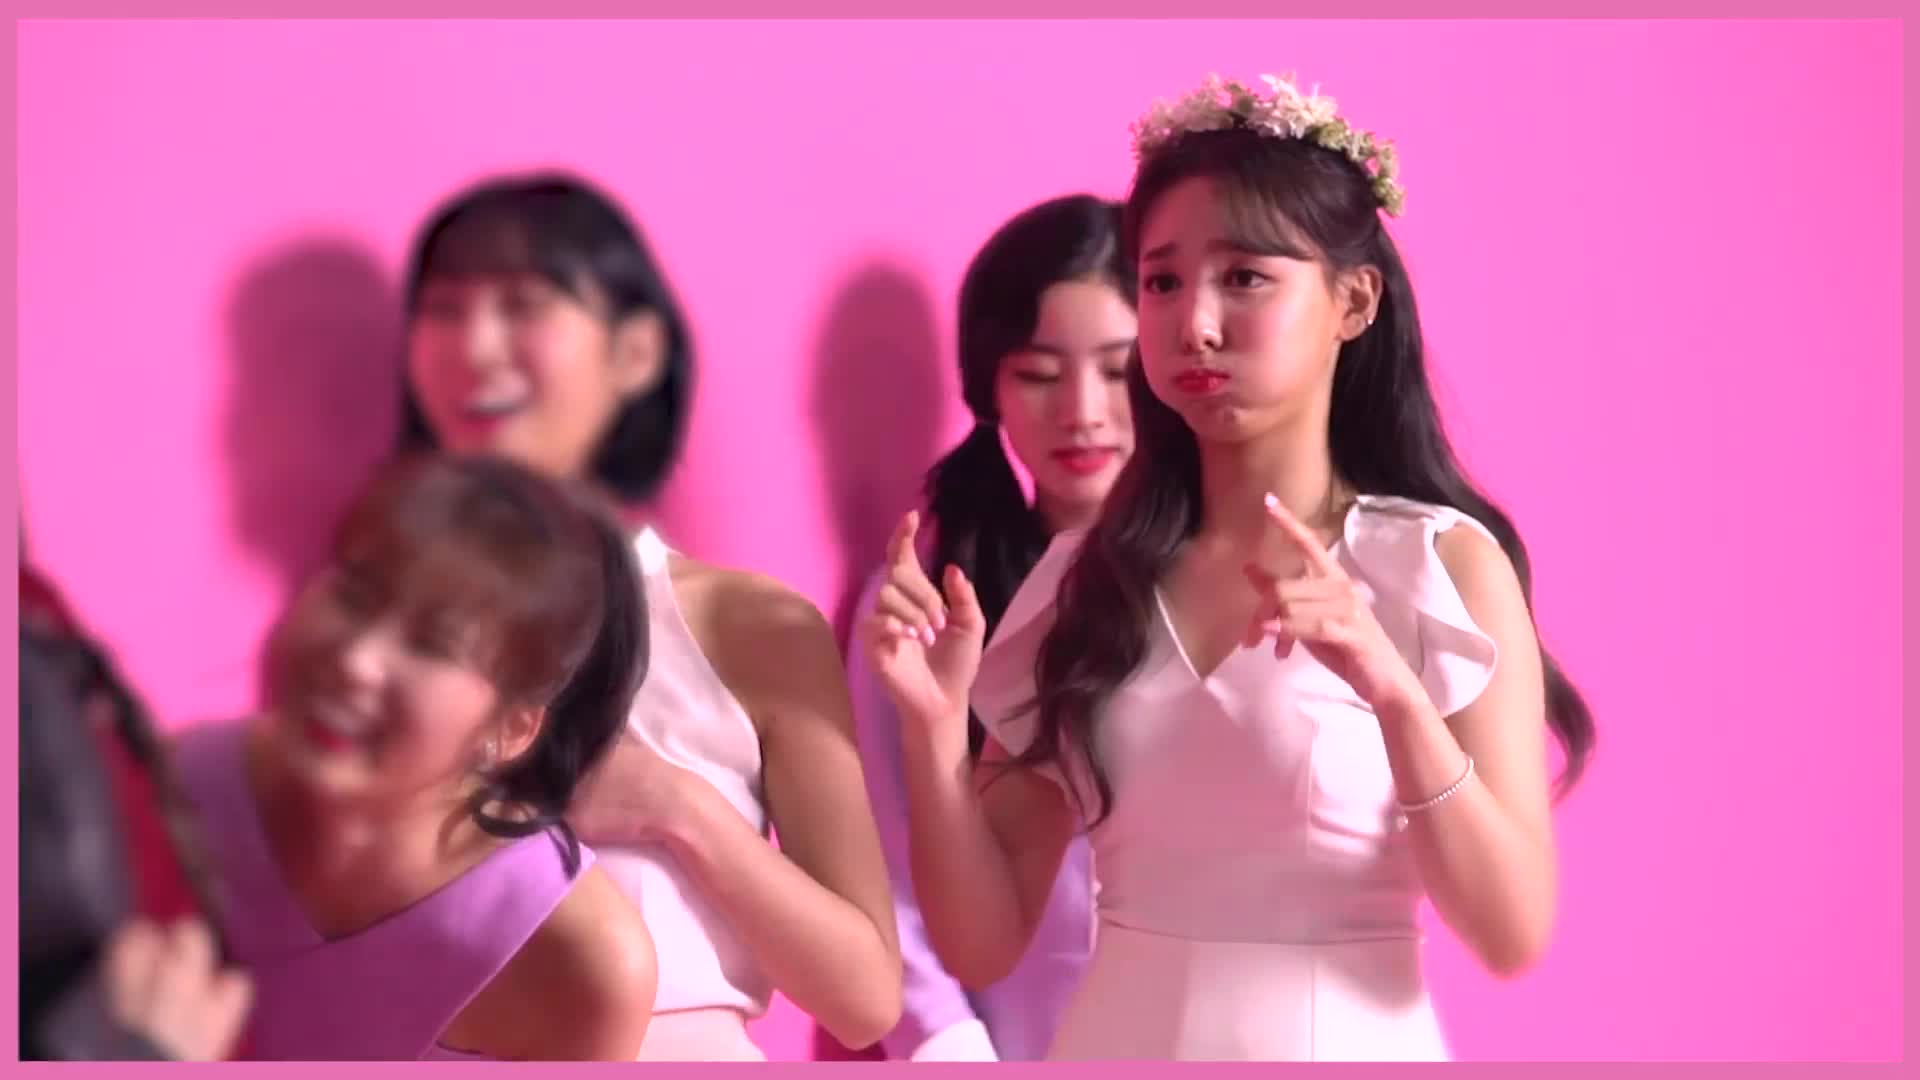 celebs, kpop, nayeon, twice, Nayeon GIFs